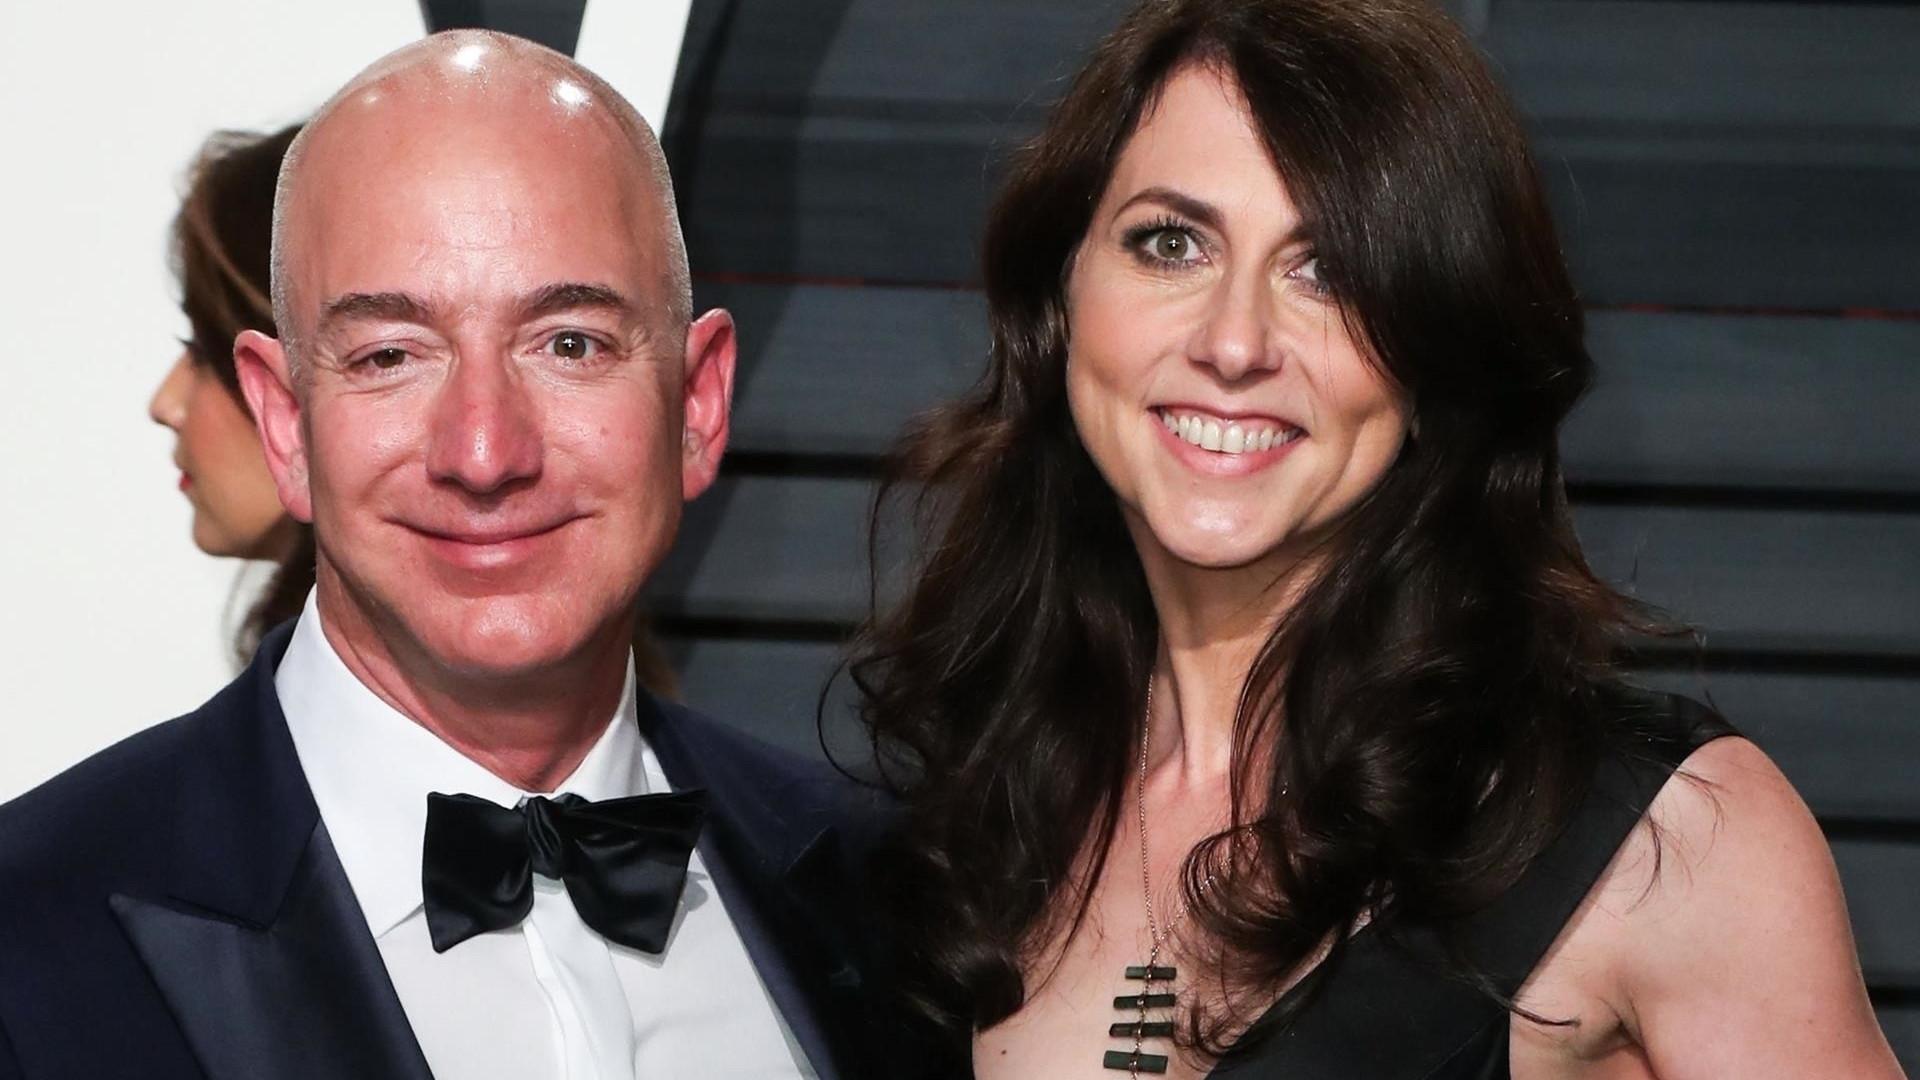 Miliarder Jeff Bezos rozwodzi się po 25 latach małżeństwa